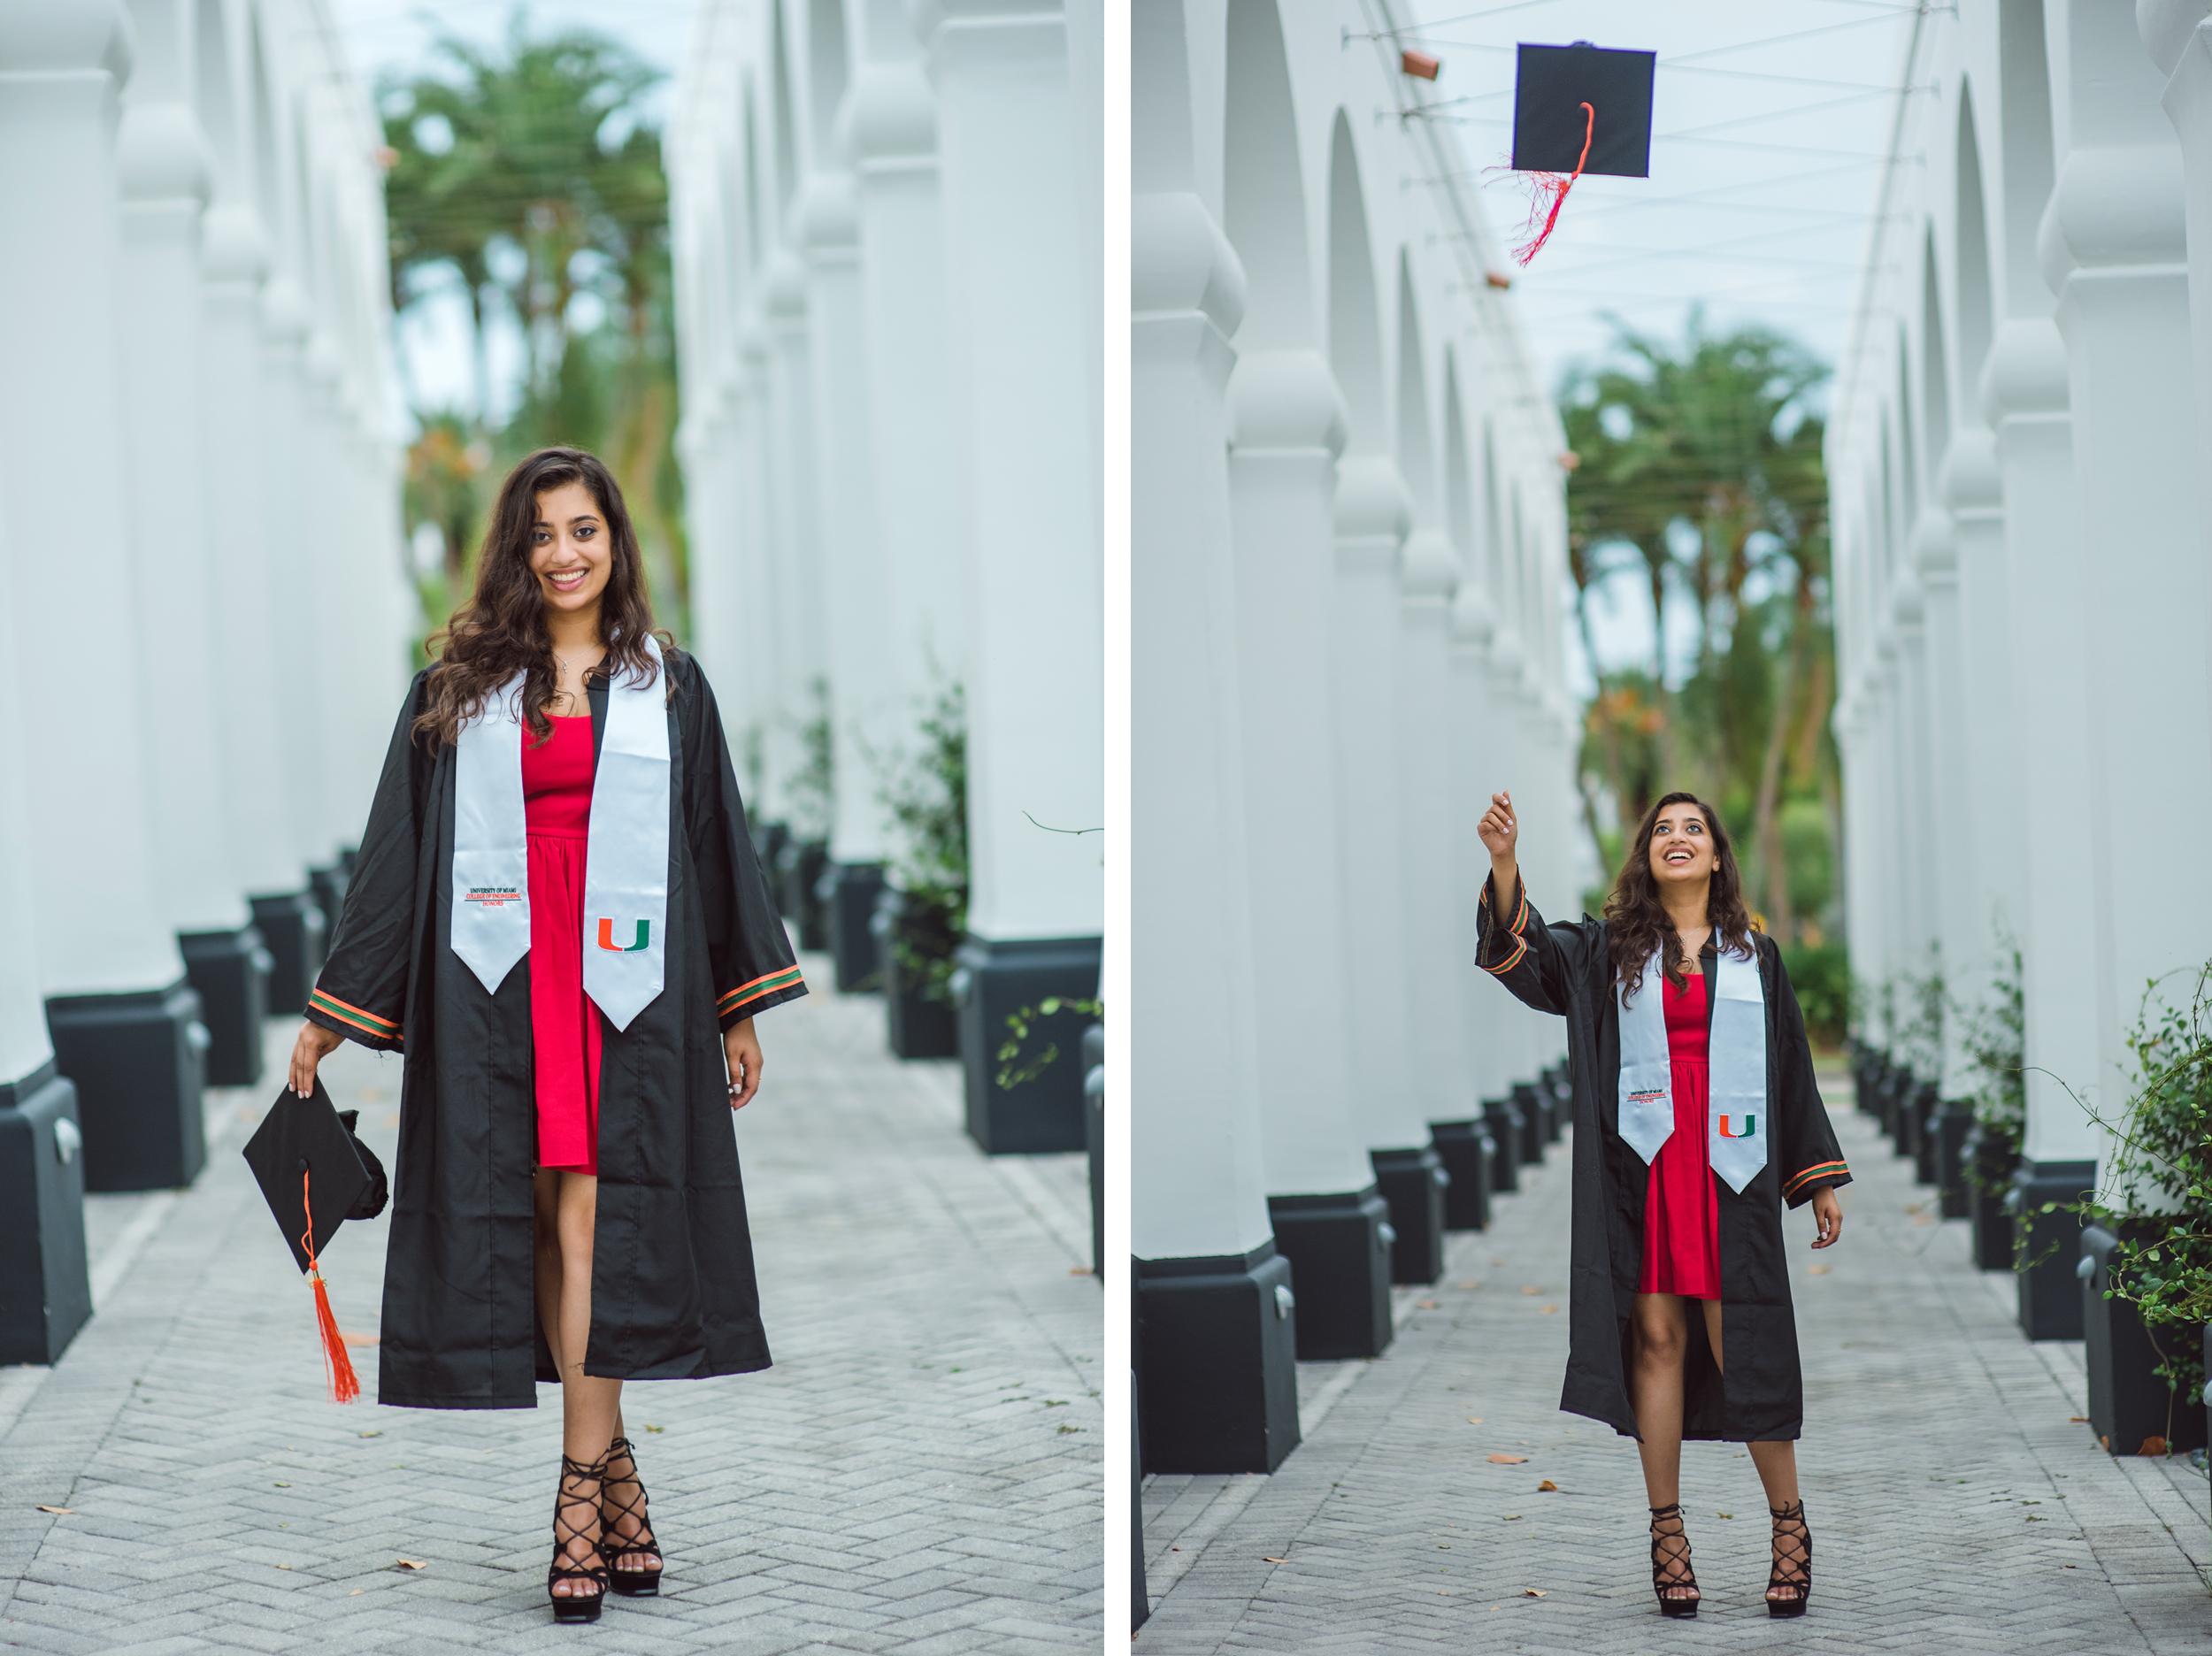 College Grad Photo Session.jpg